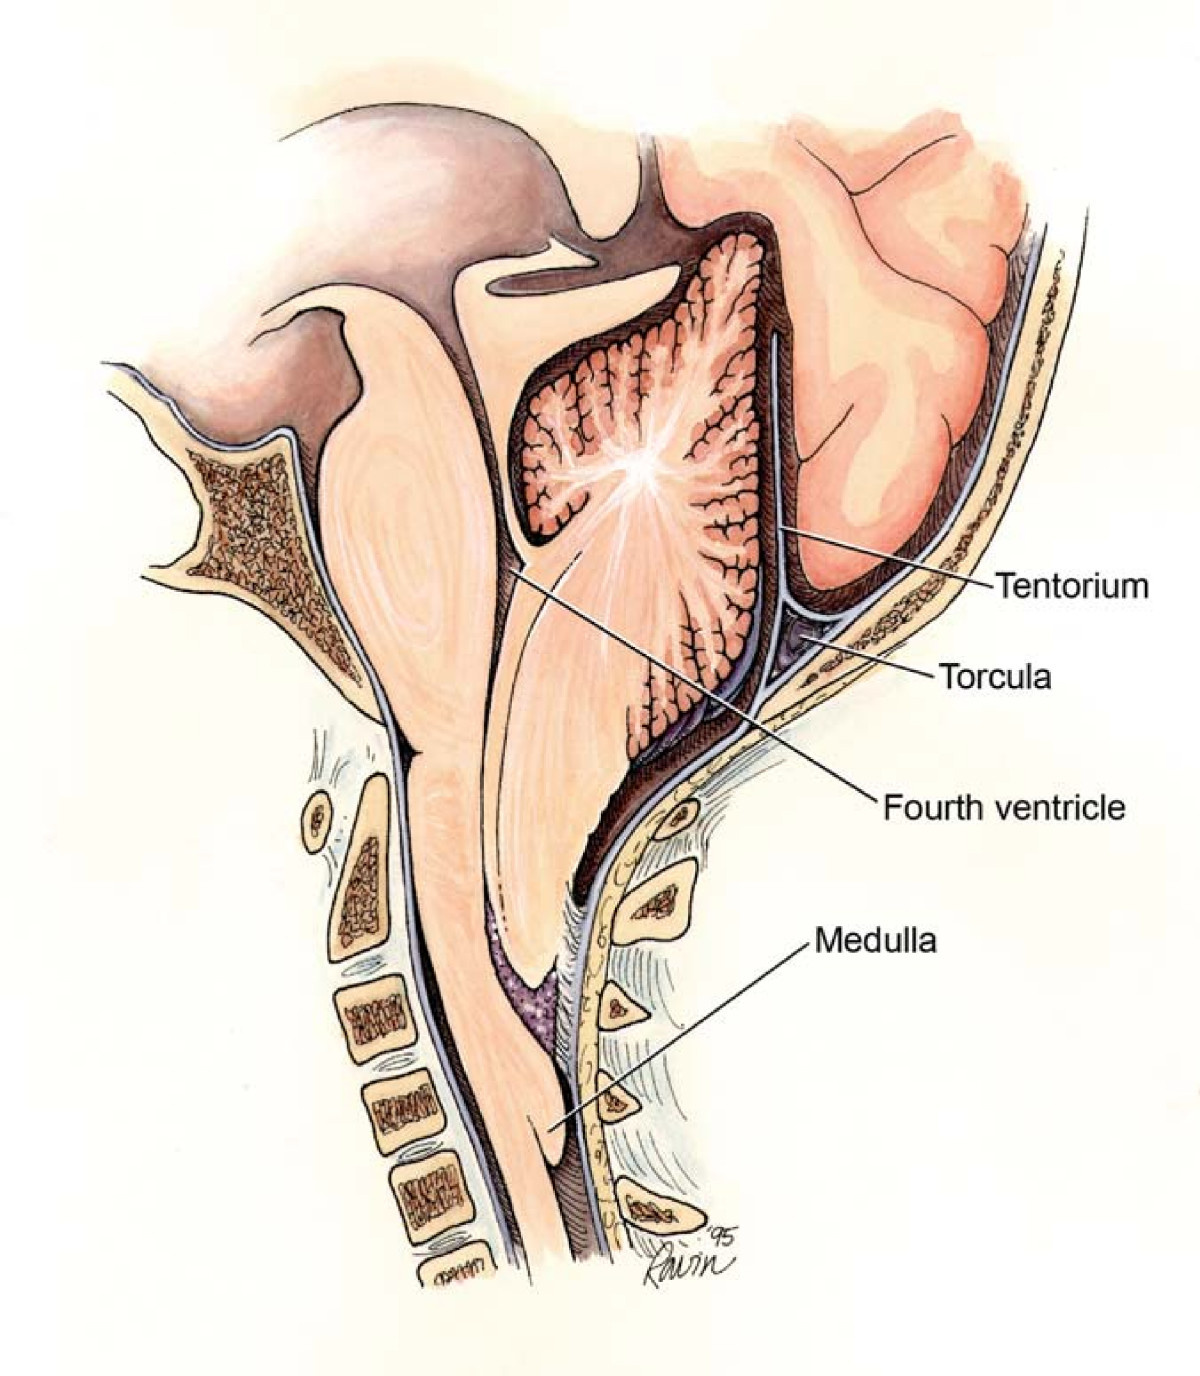 central-cord-syndrome-mri